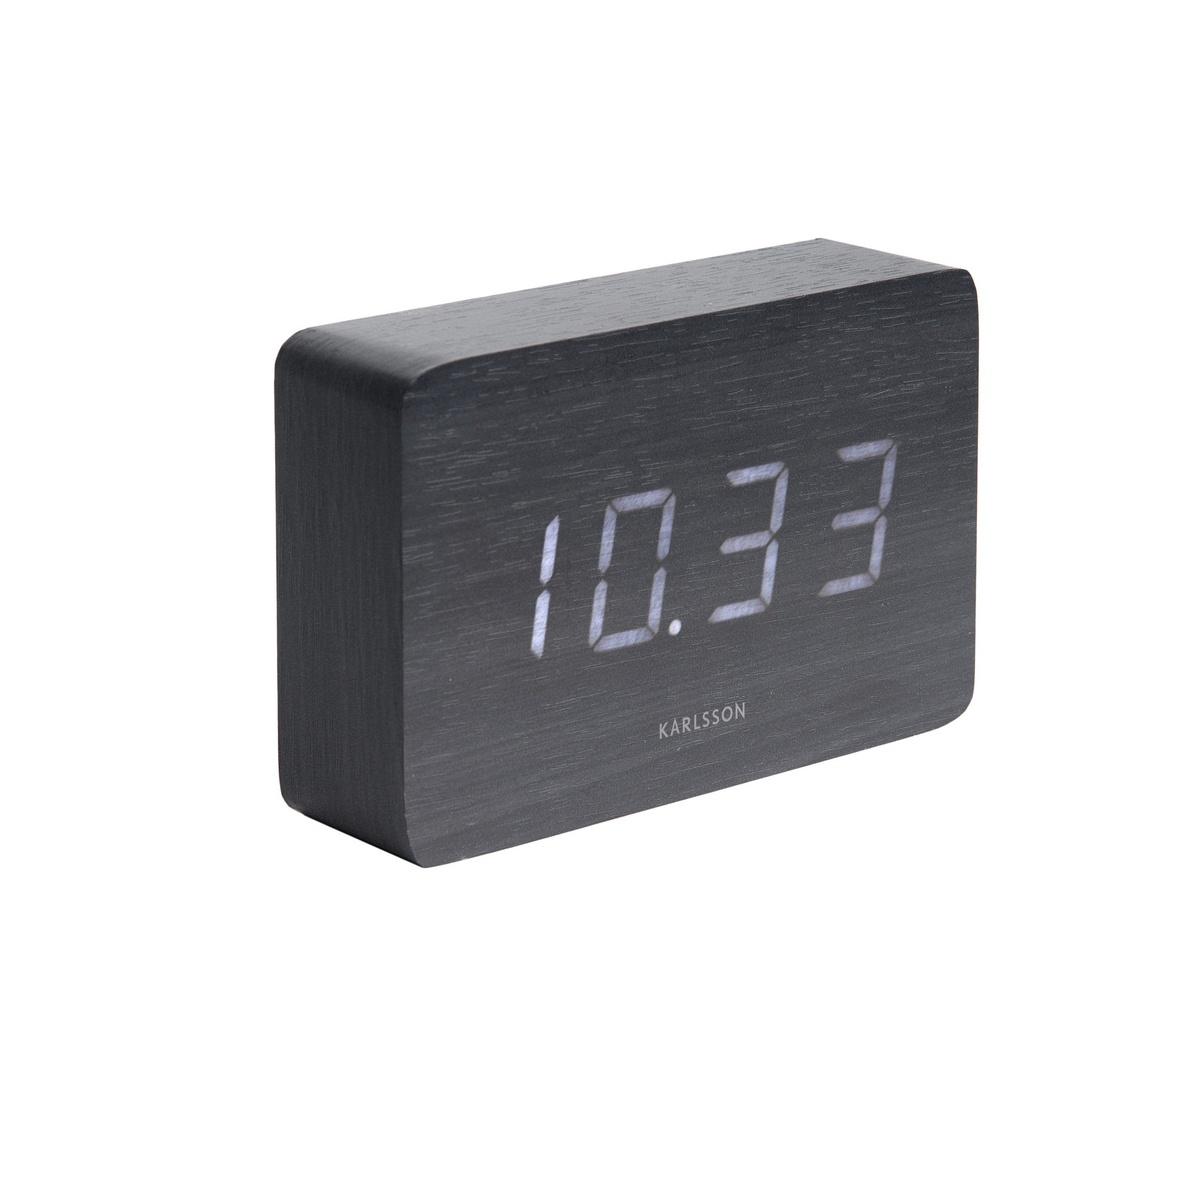 Karlsson 5653BK Designové stolní hodiny s budíkem, 15 x 10 cm